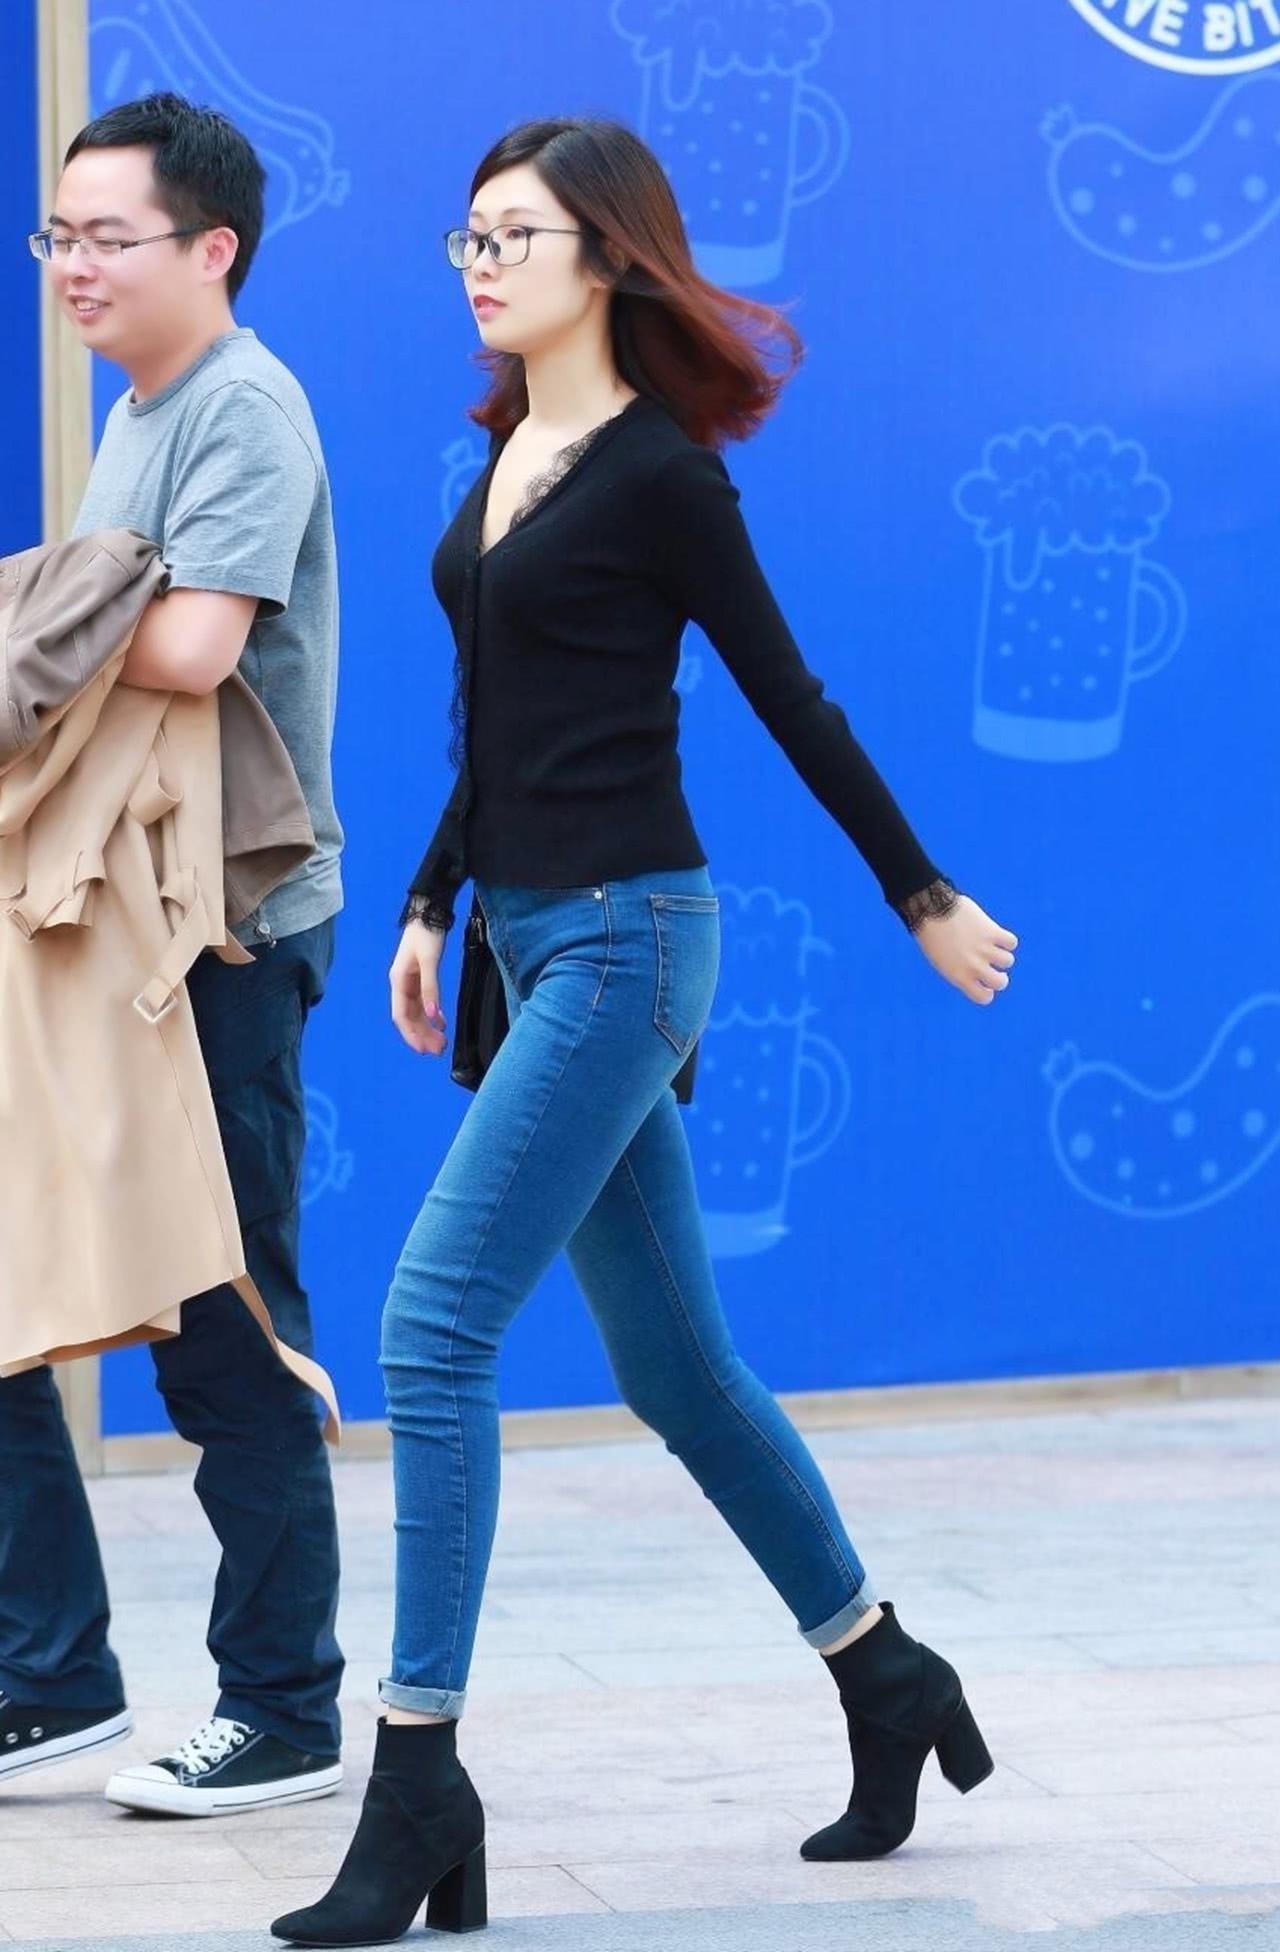 路人街拍:辣妈把经典牛仔裤穿出新意,搭配出都市女郎的魅力!